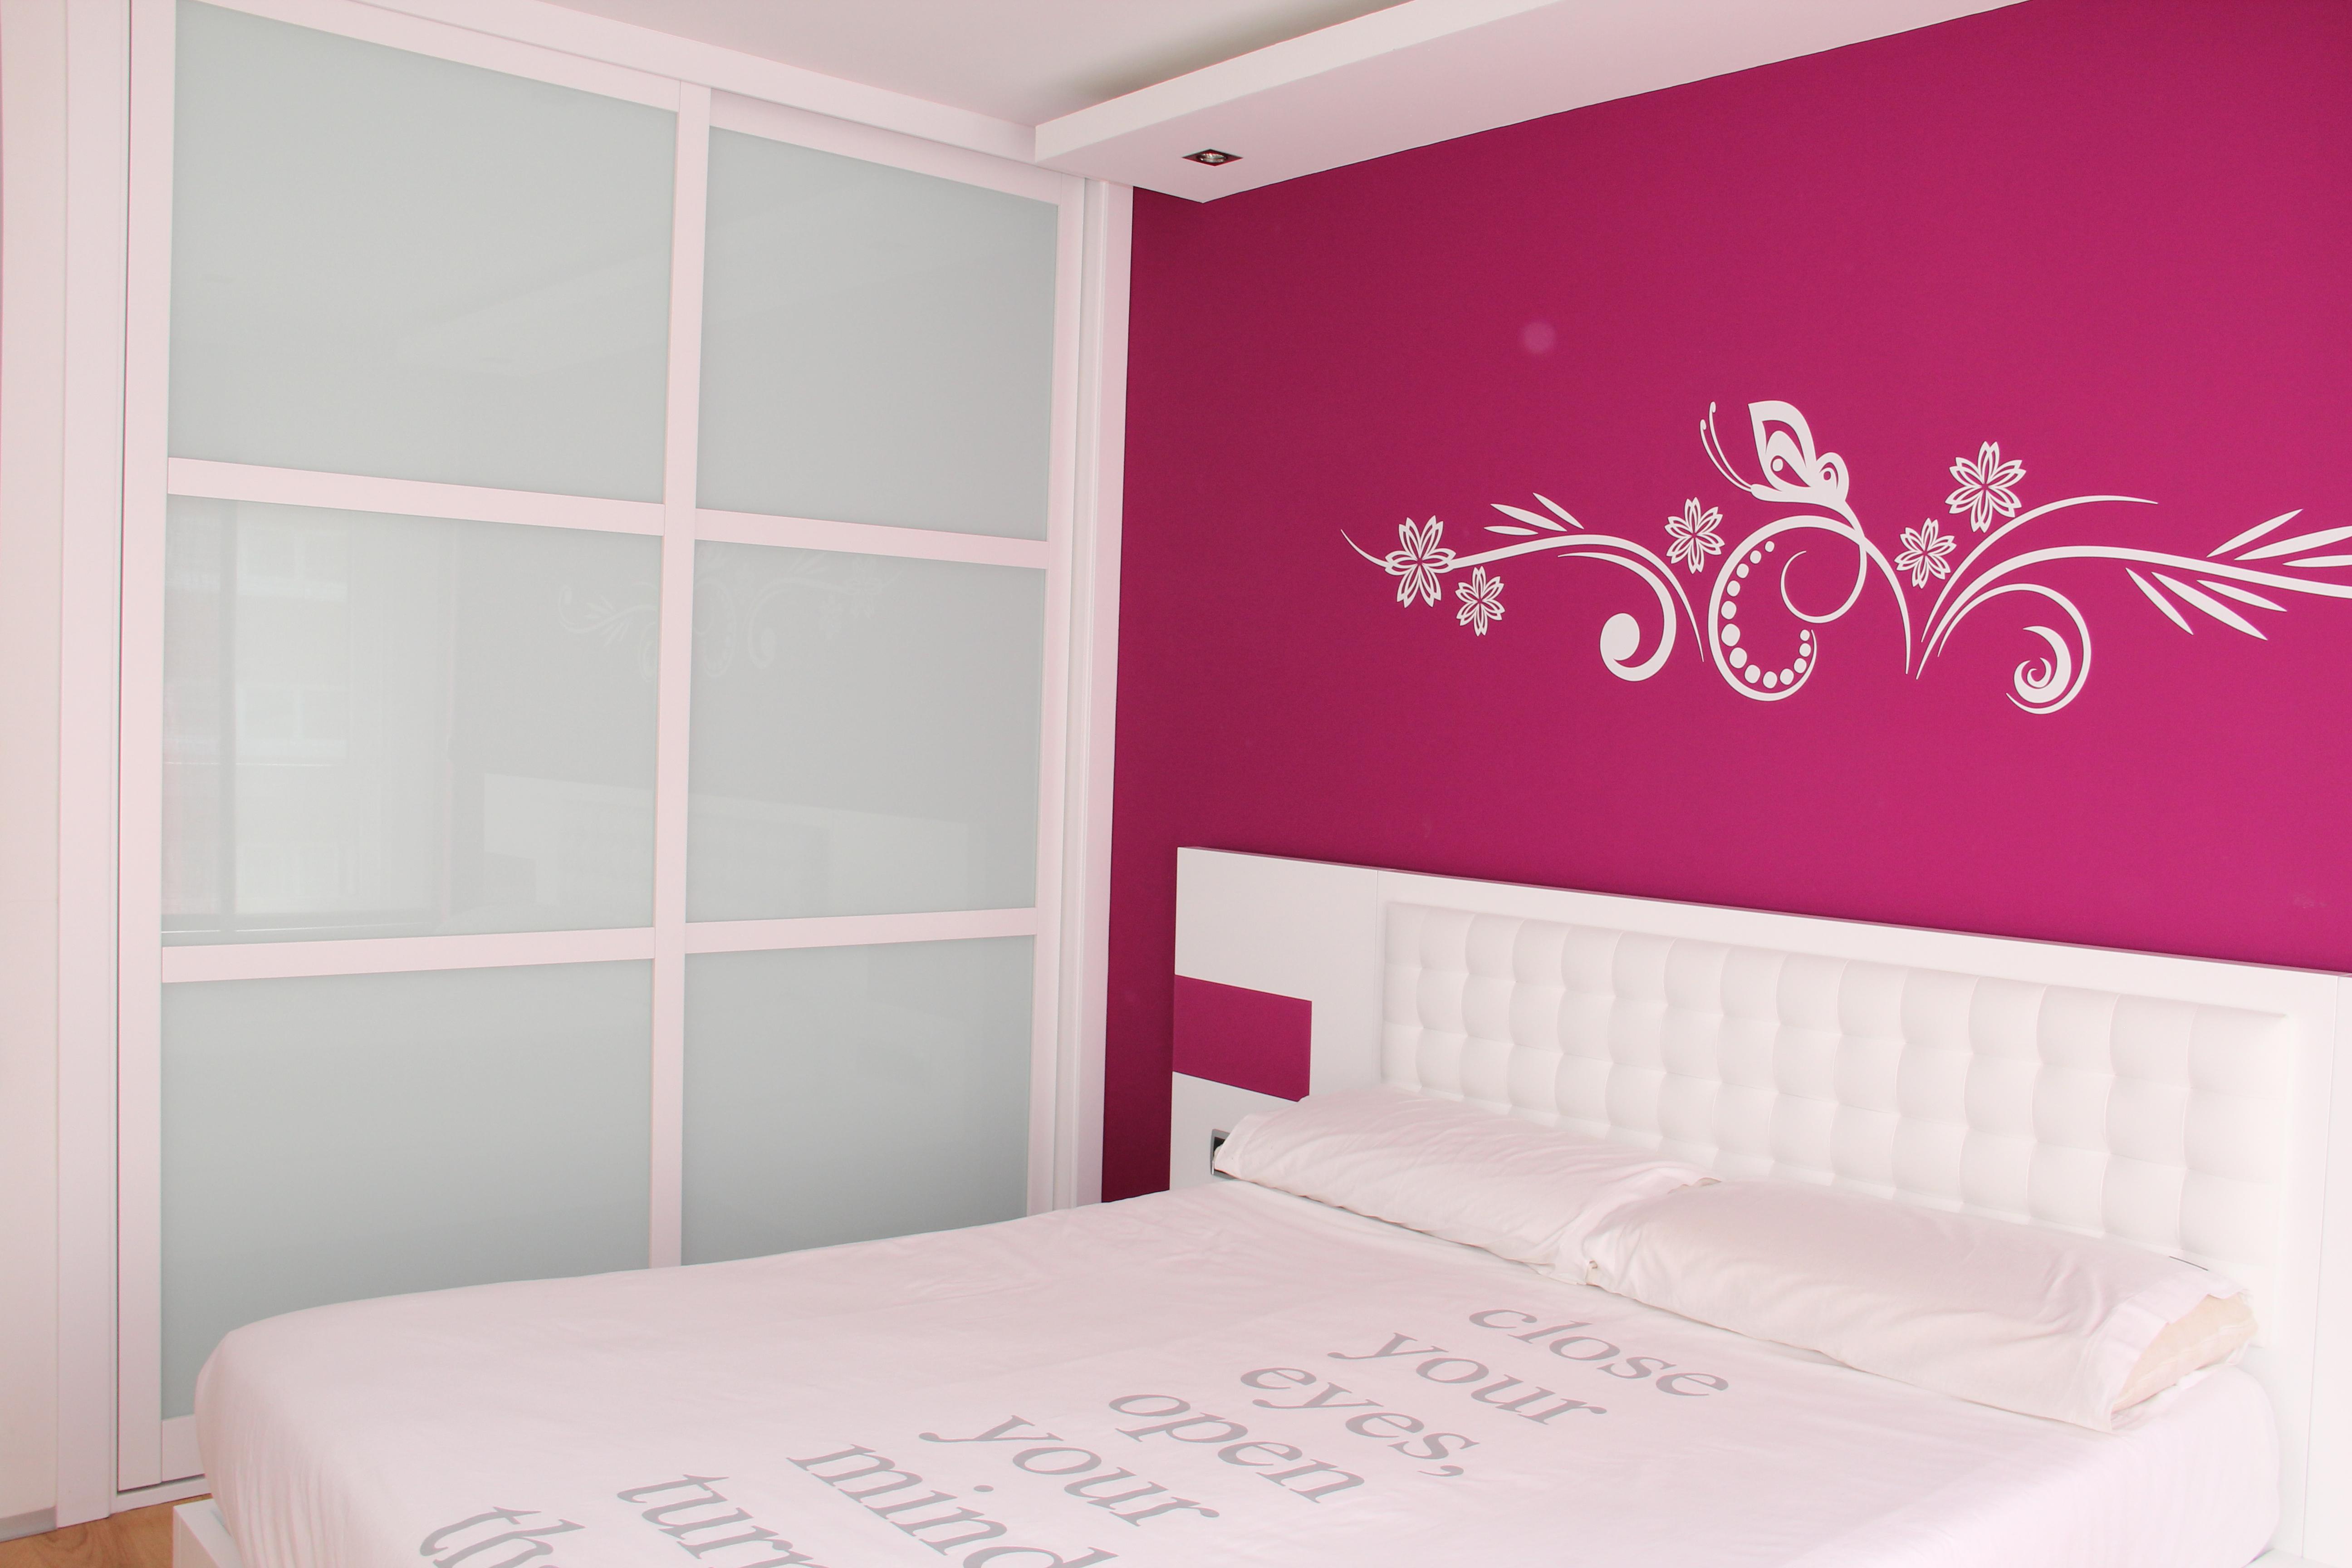 Dormitorio lacado en blanco carpinter a pallas deus - Dormitorios lacados en blanco ...